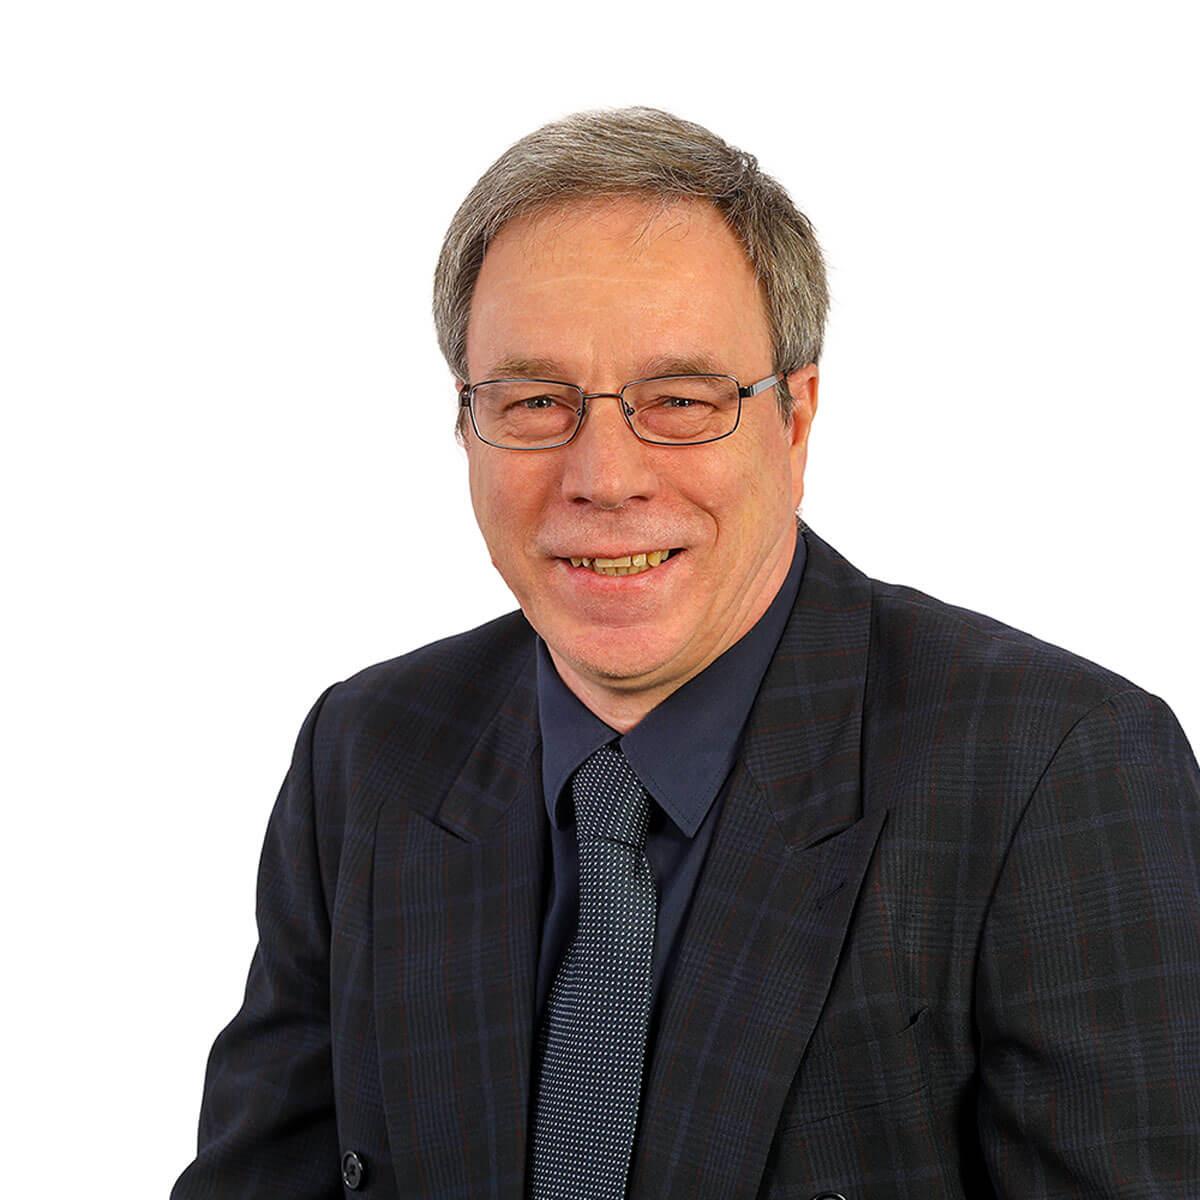 Peter Wrubbel ist im Bereich KNX und Wartung bei der Kocher GmbH in Dortmund tätig.